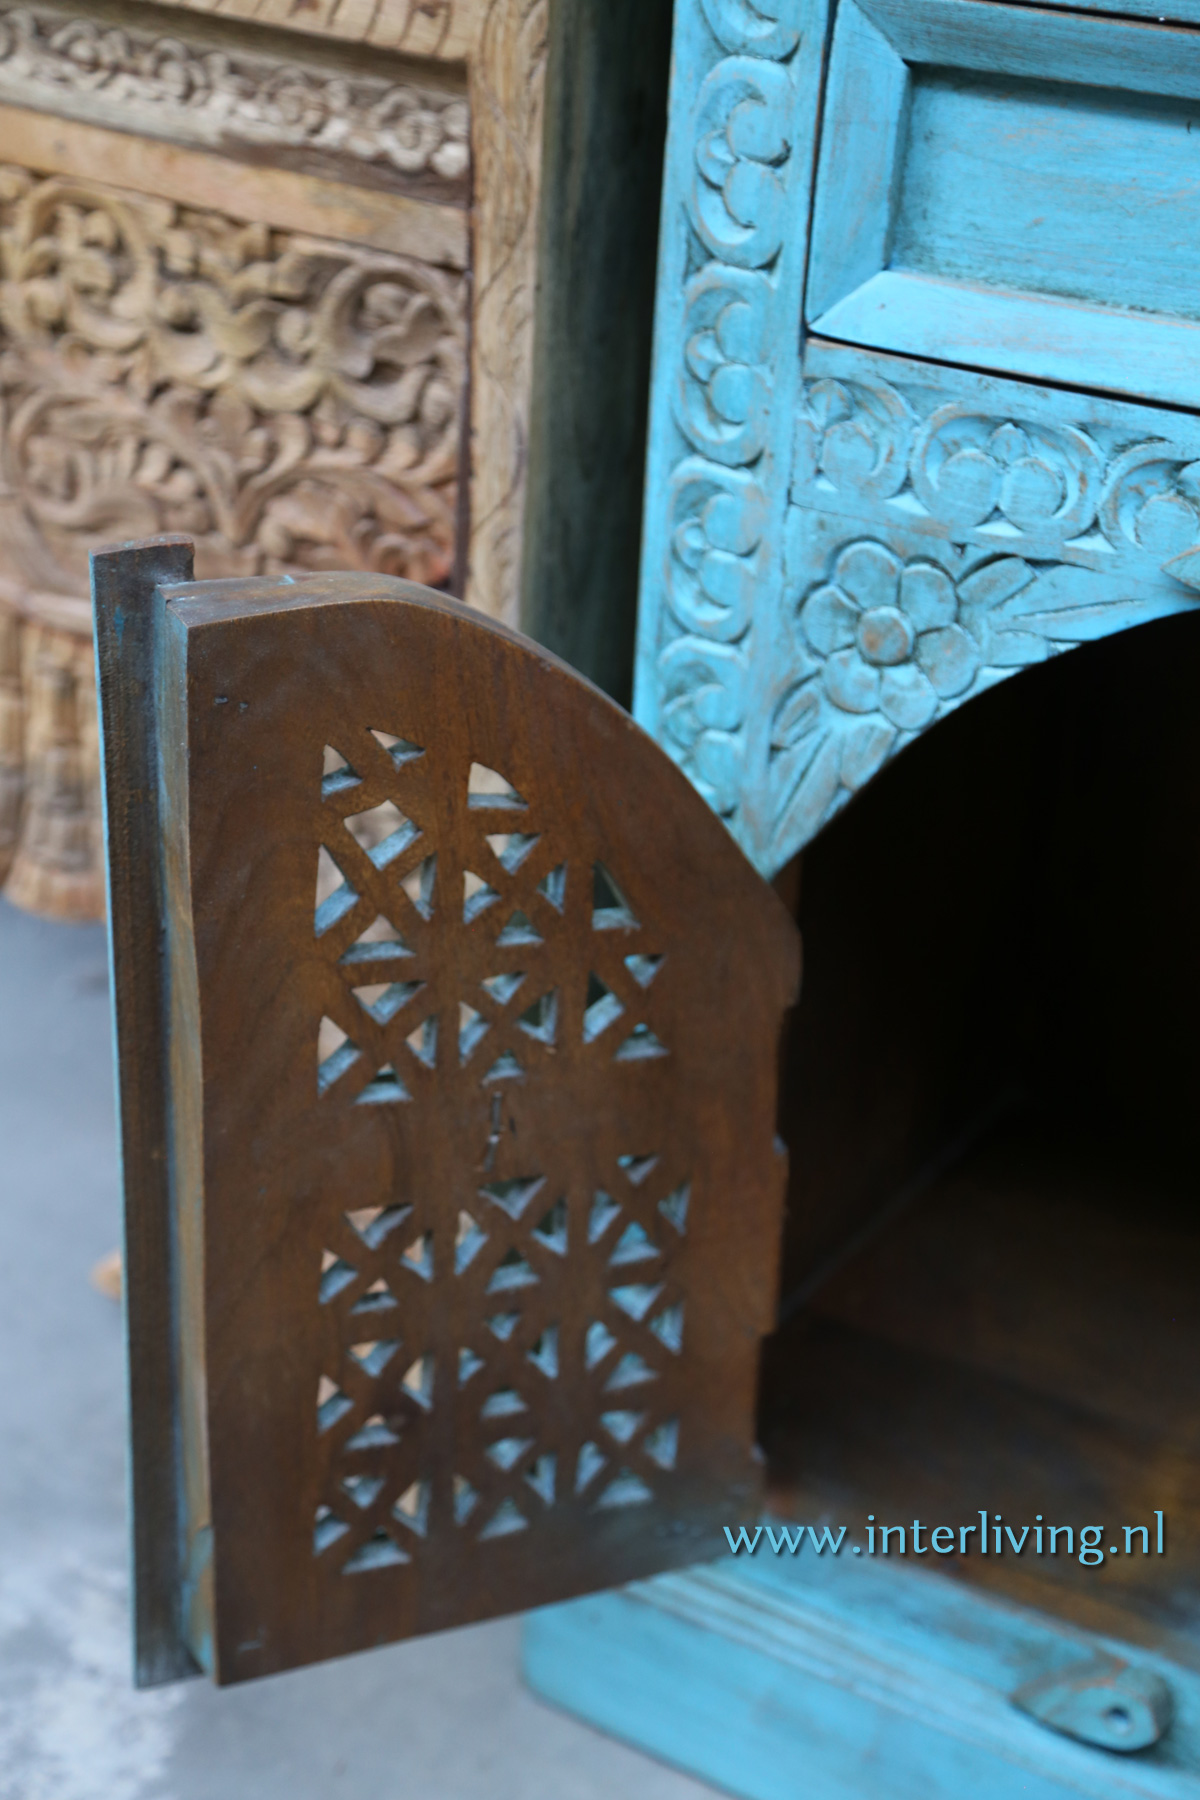 kleurrijk blauw nachtkastje in oosterse stijl voor een bohemian interieur